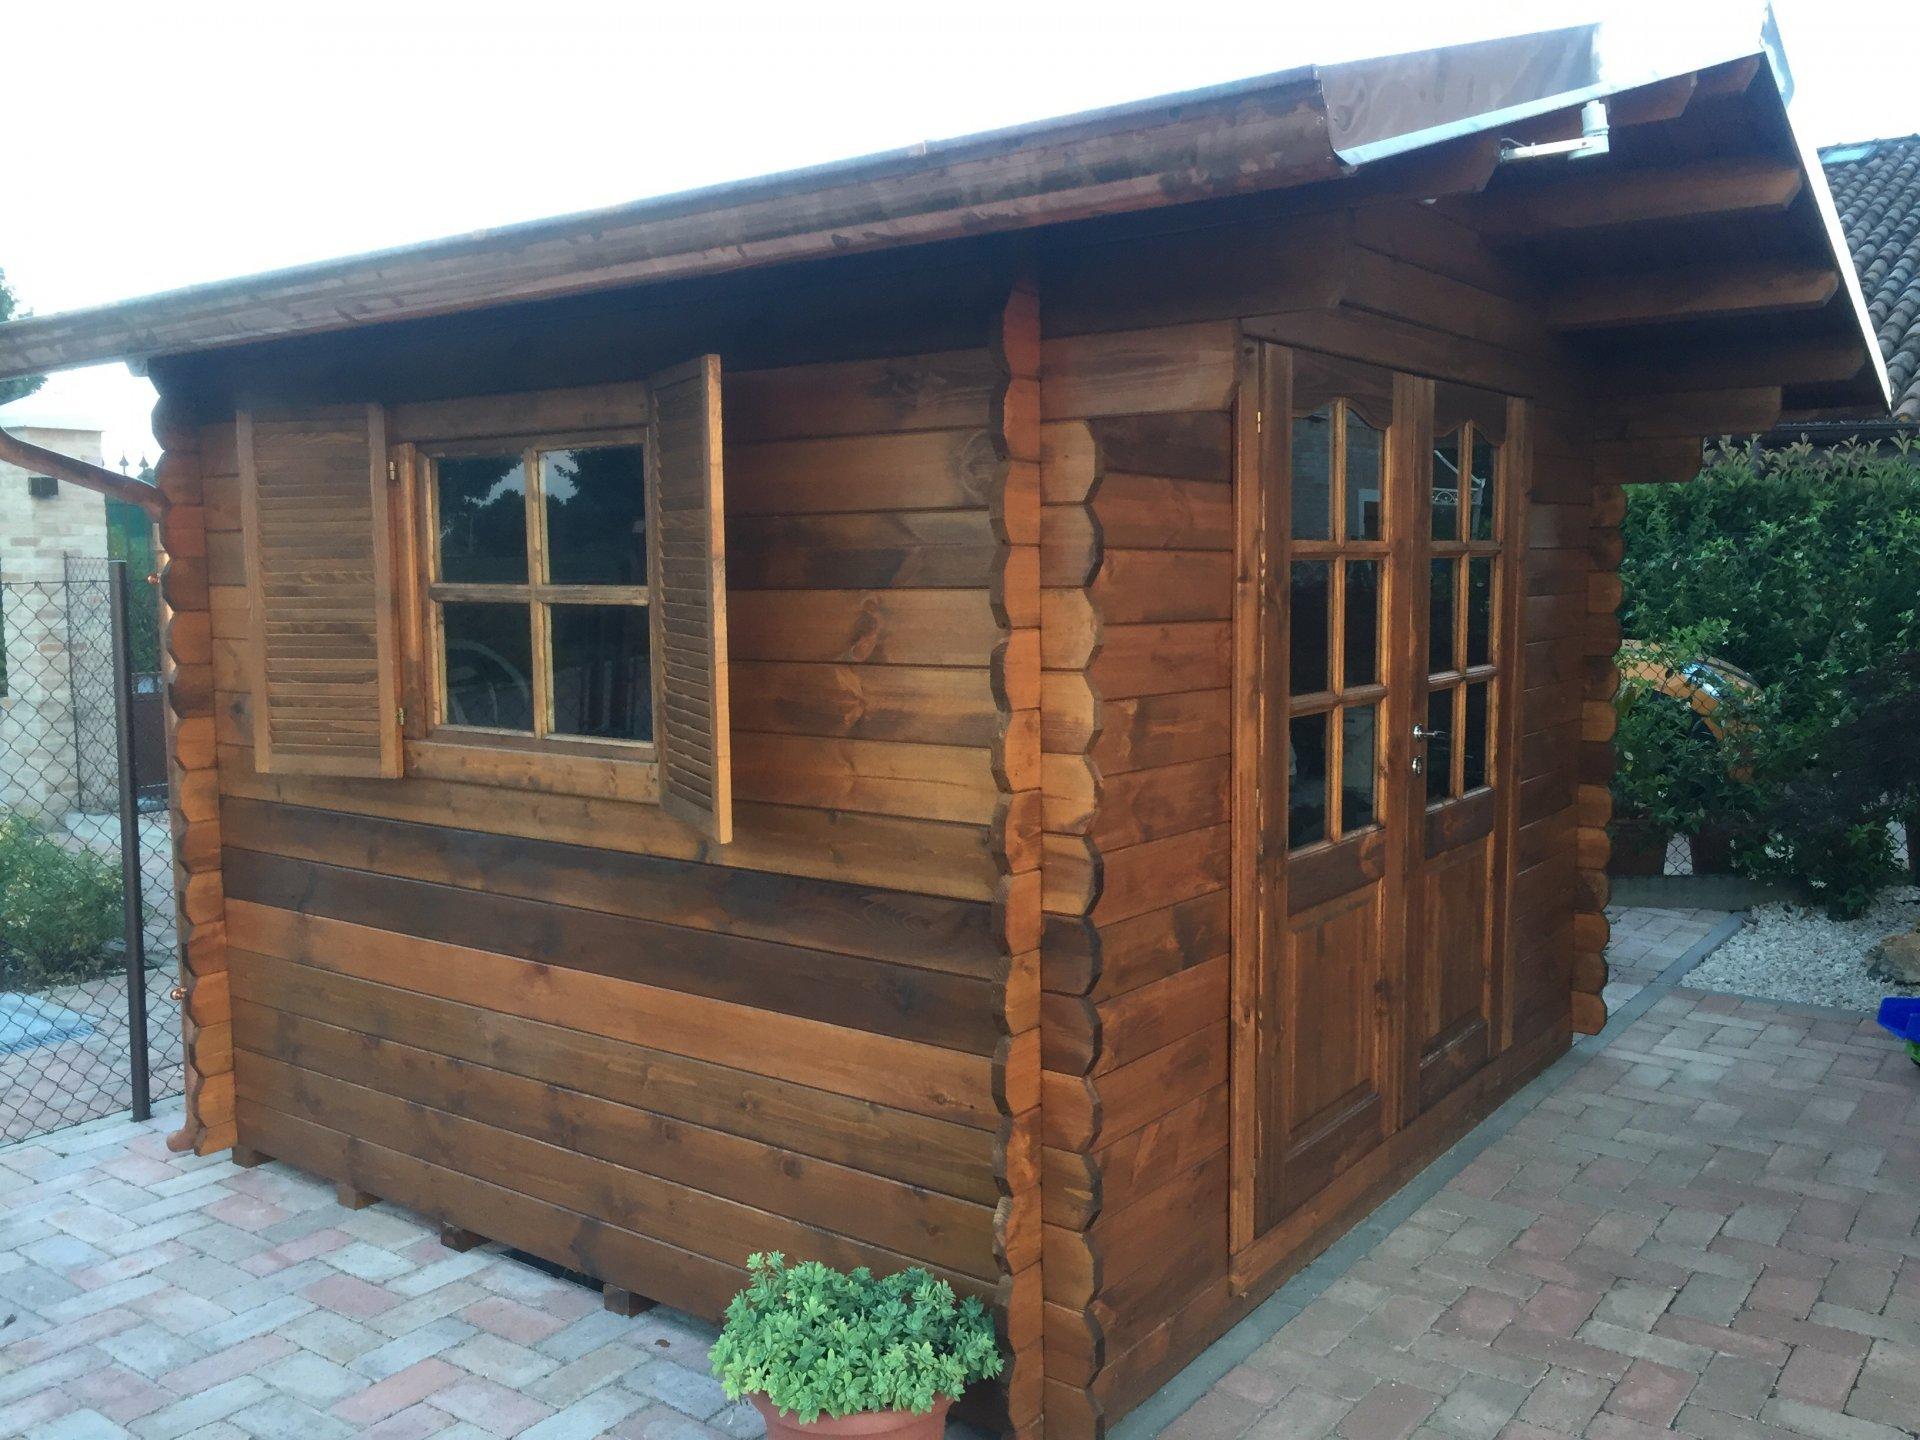 Casette in legno 3x2 5 con porta doppia dekalux for Casette di legno prezzi